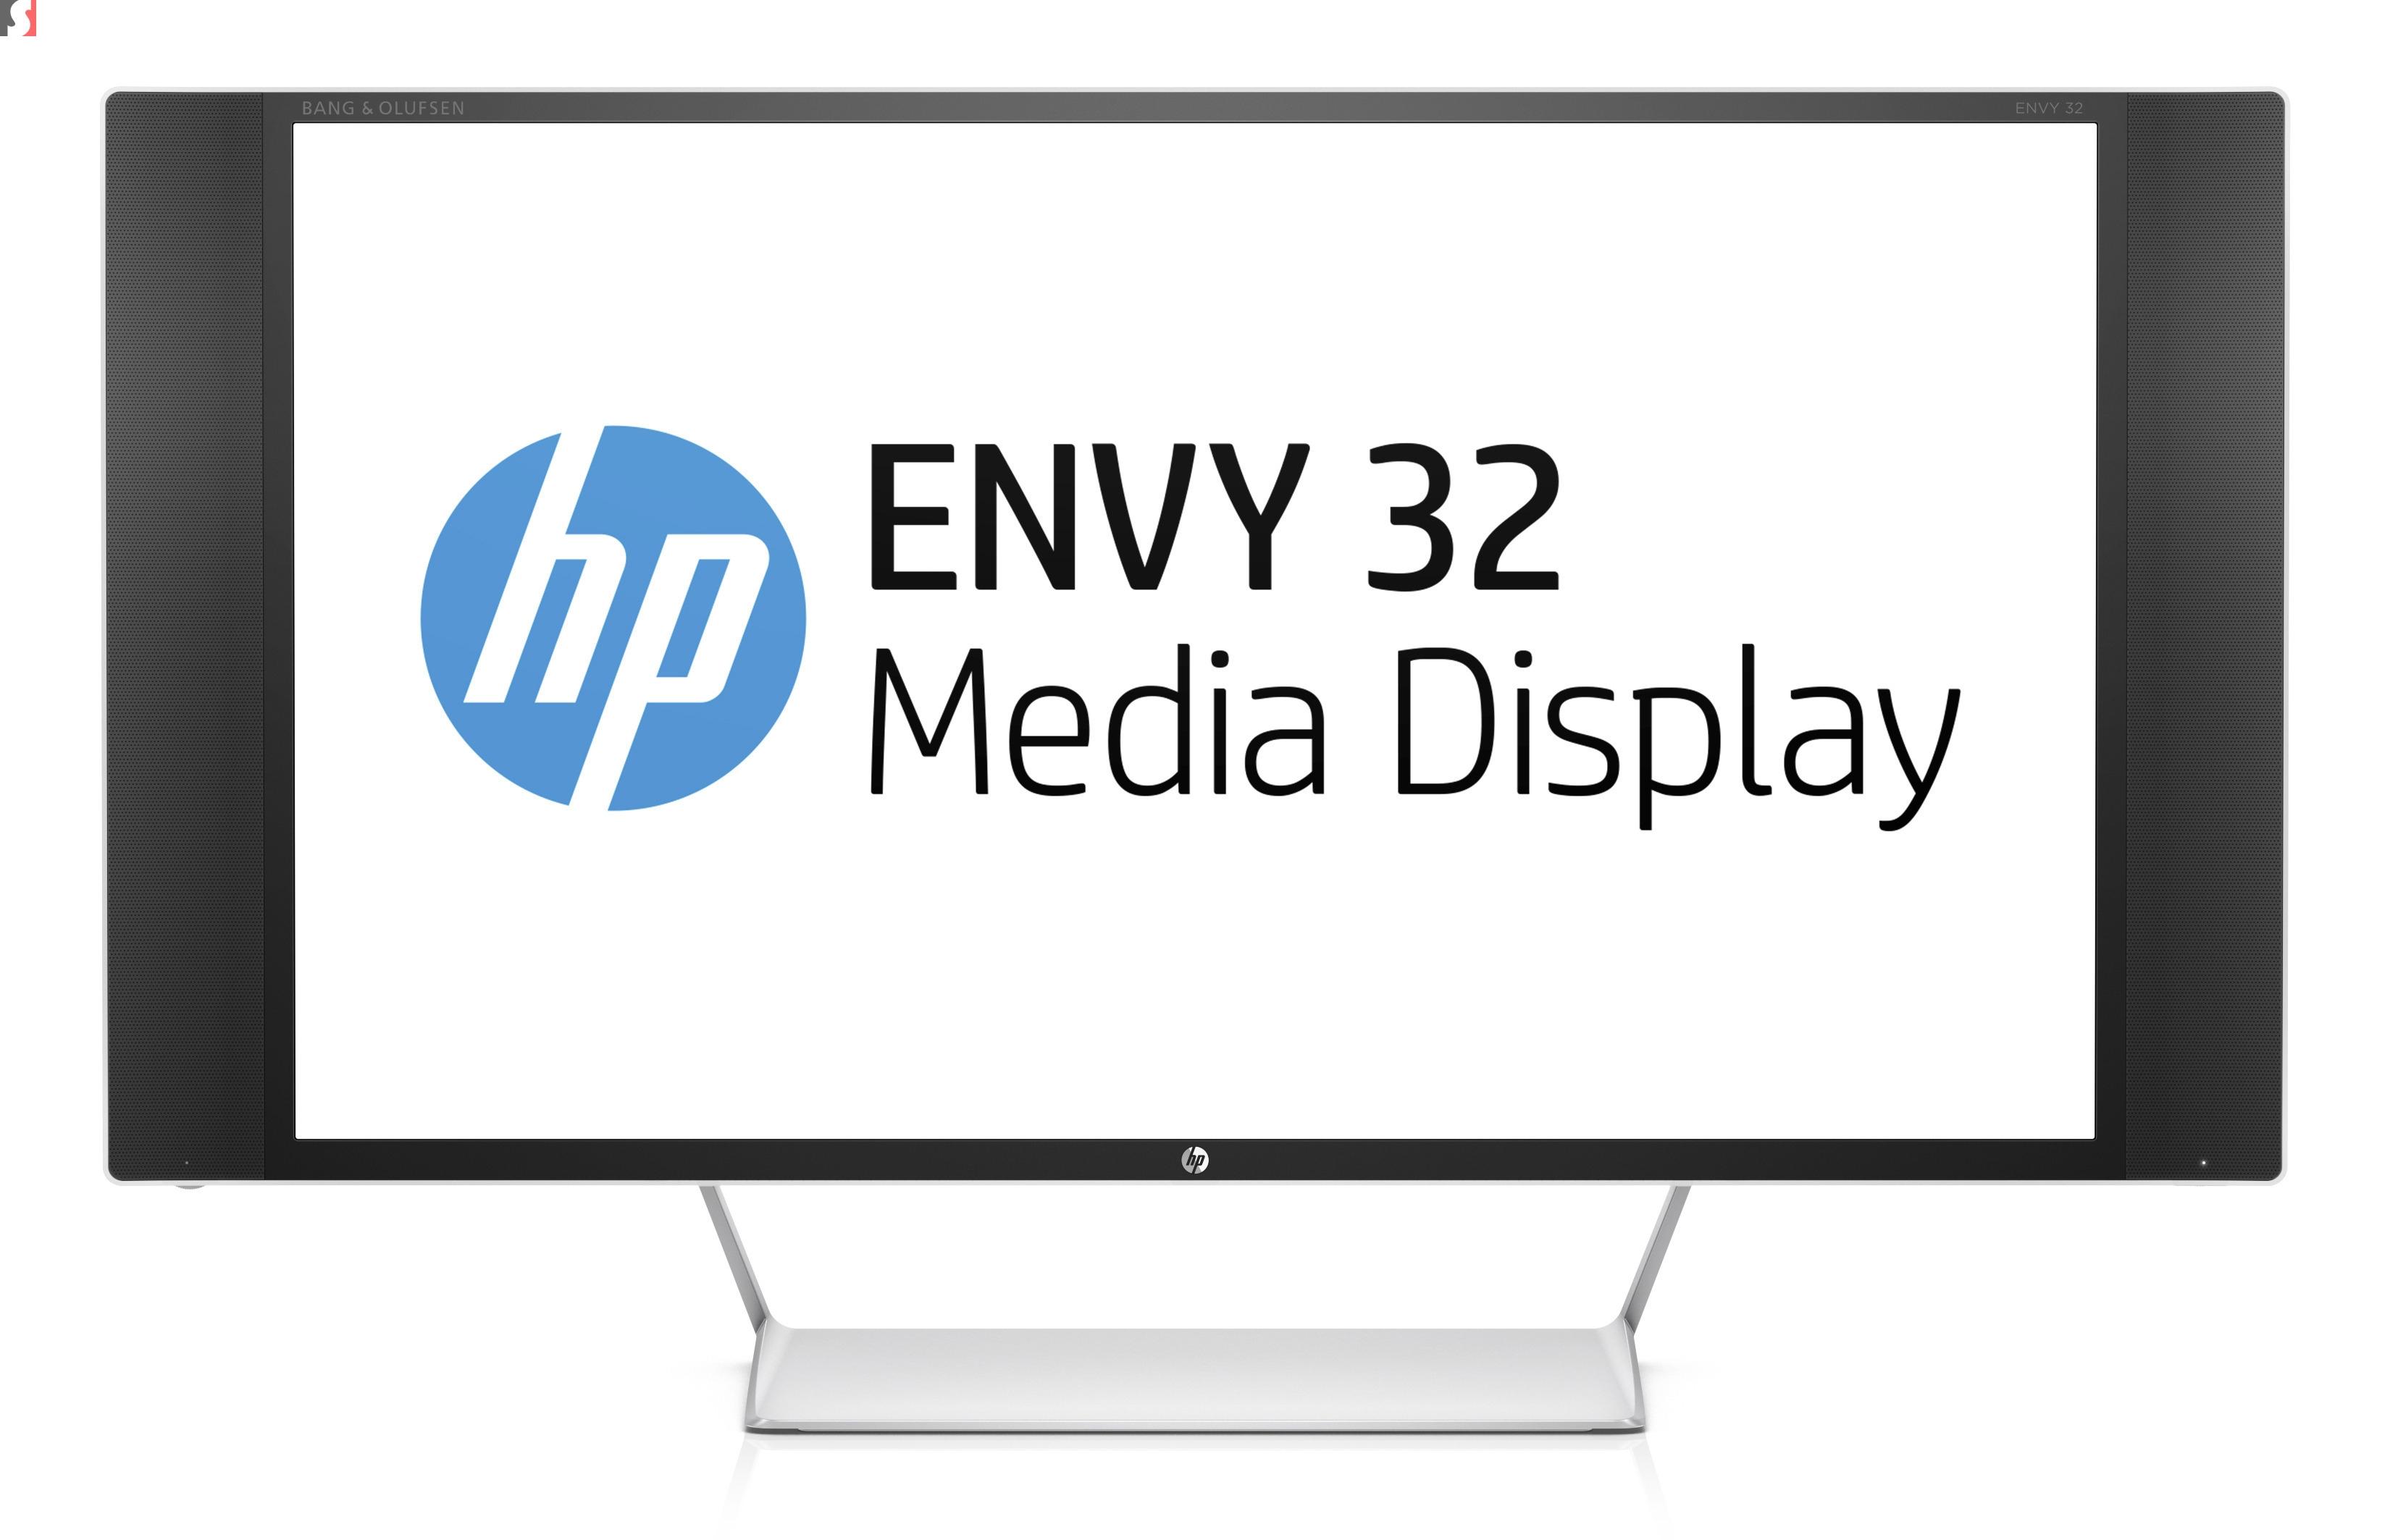 ENVY 32